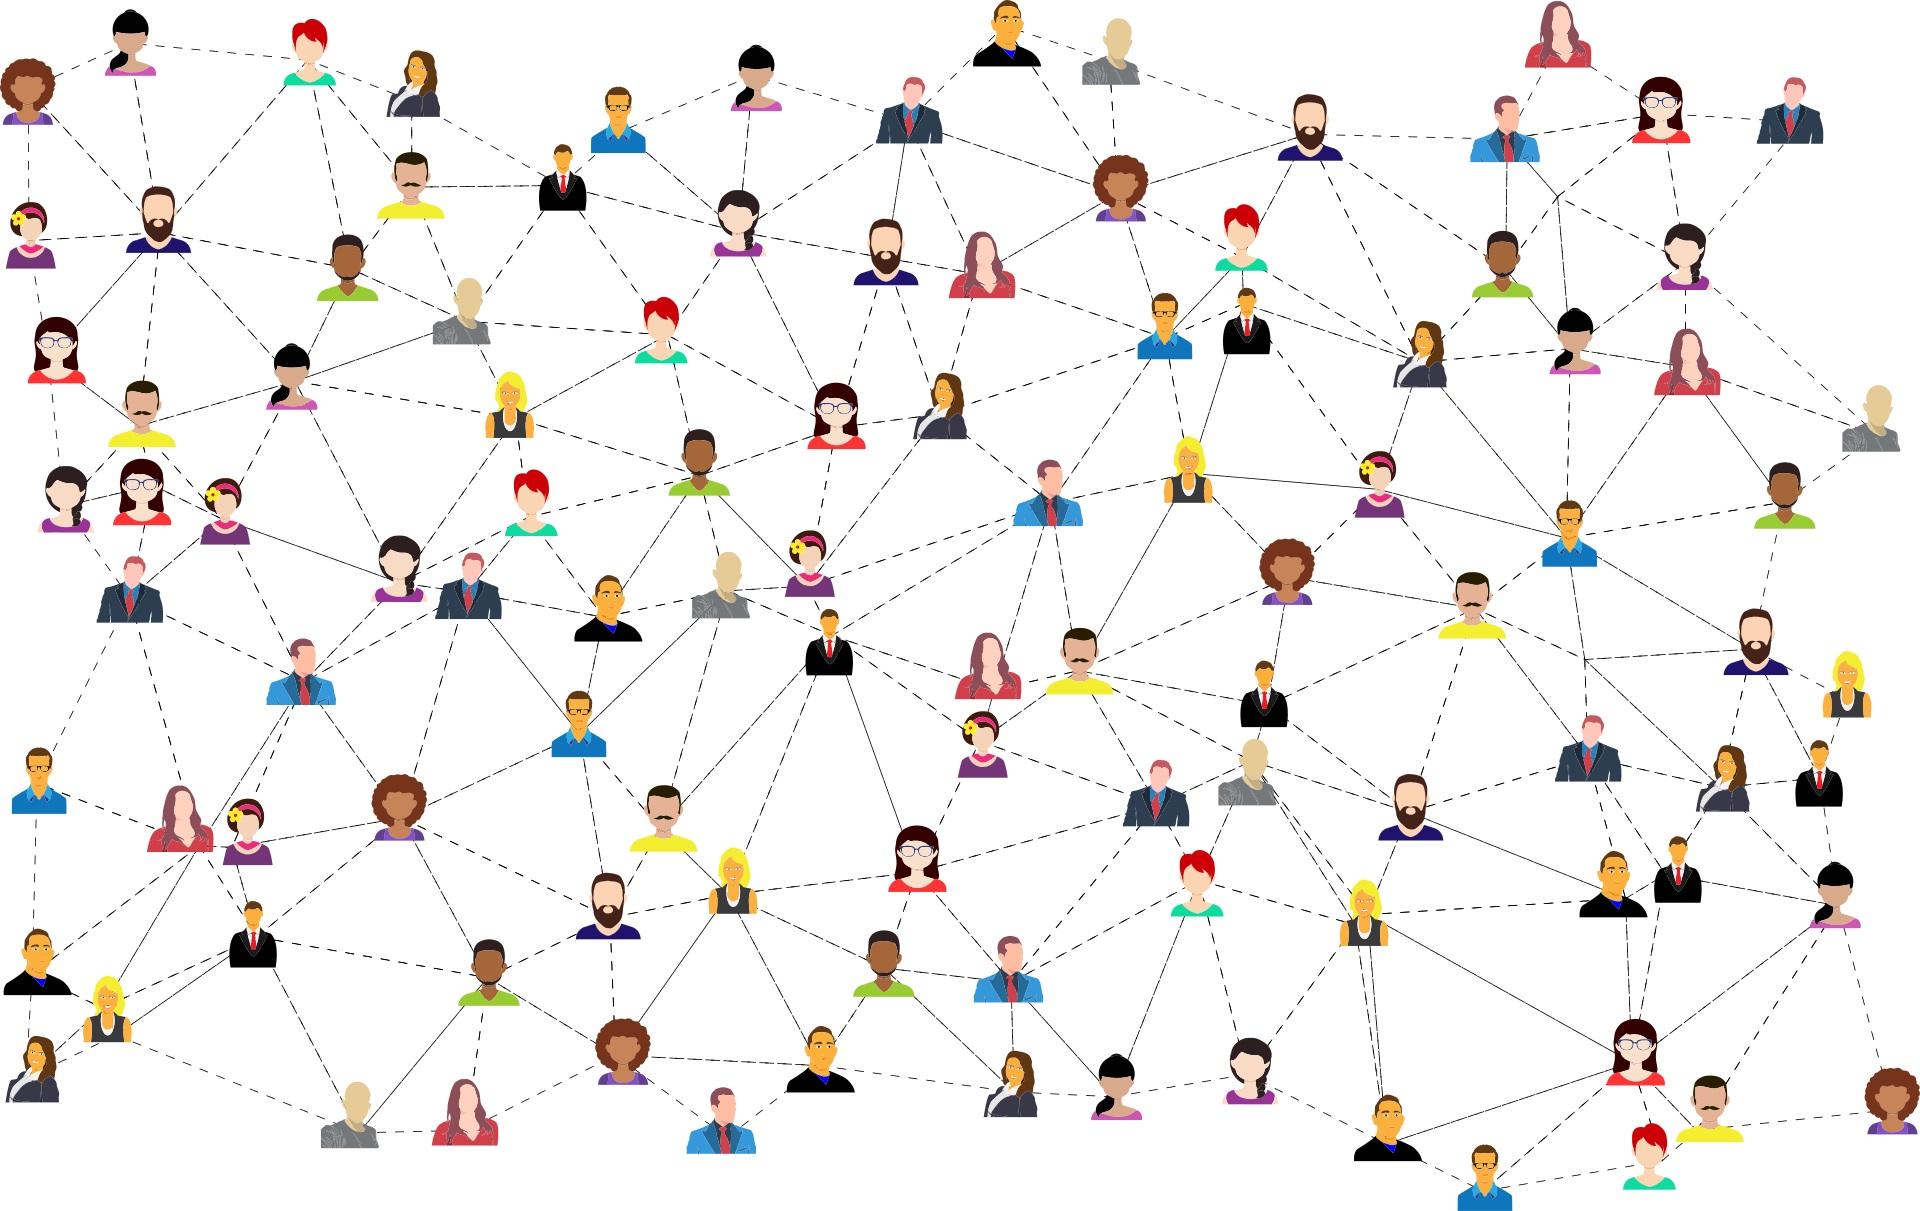 Cuáles son los modelos de comunicación corporativa